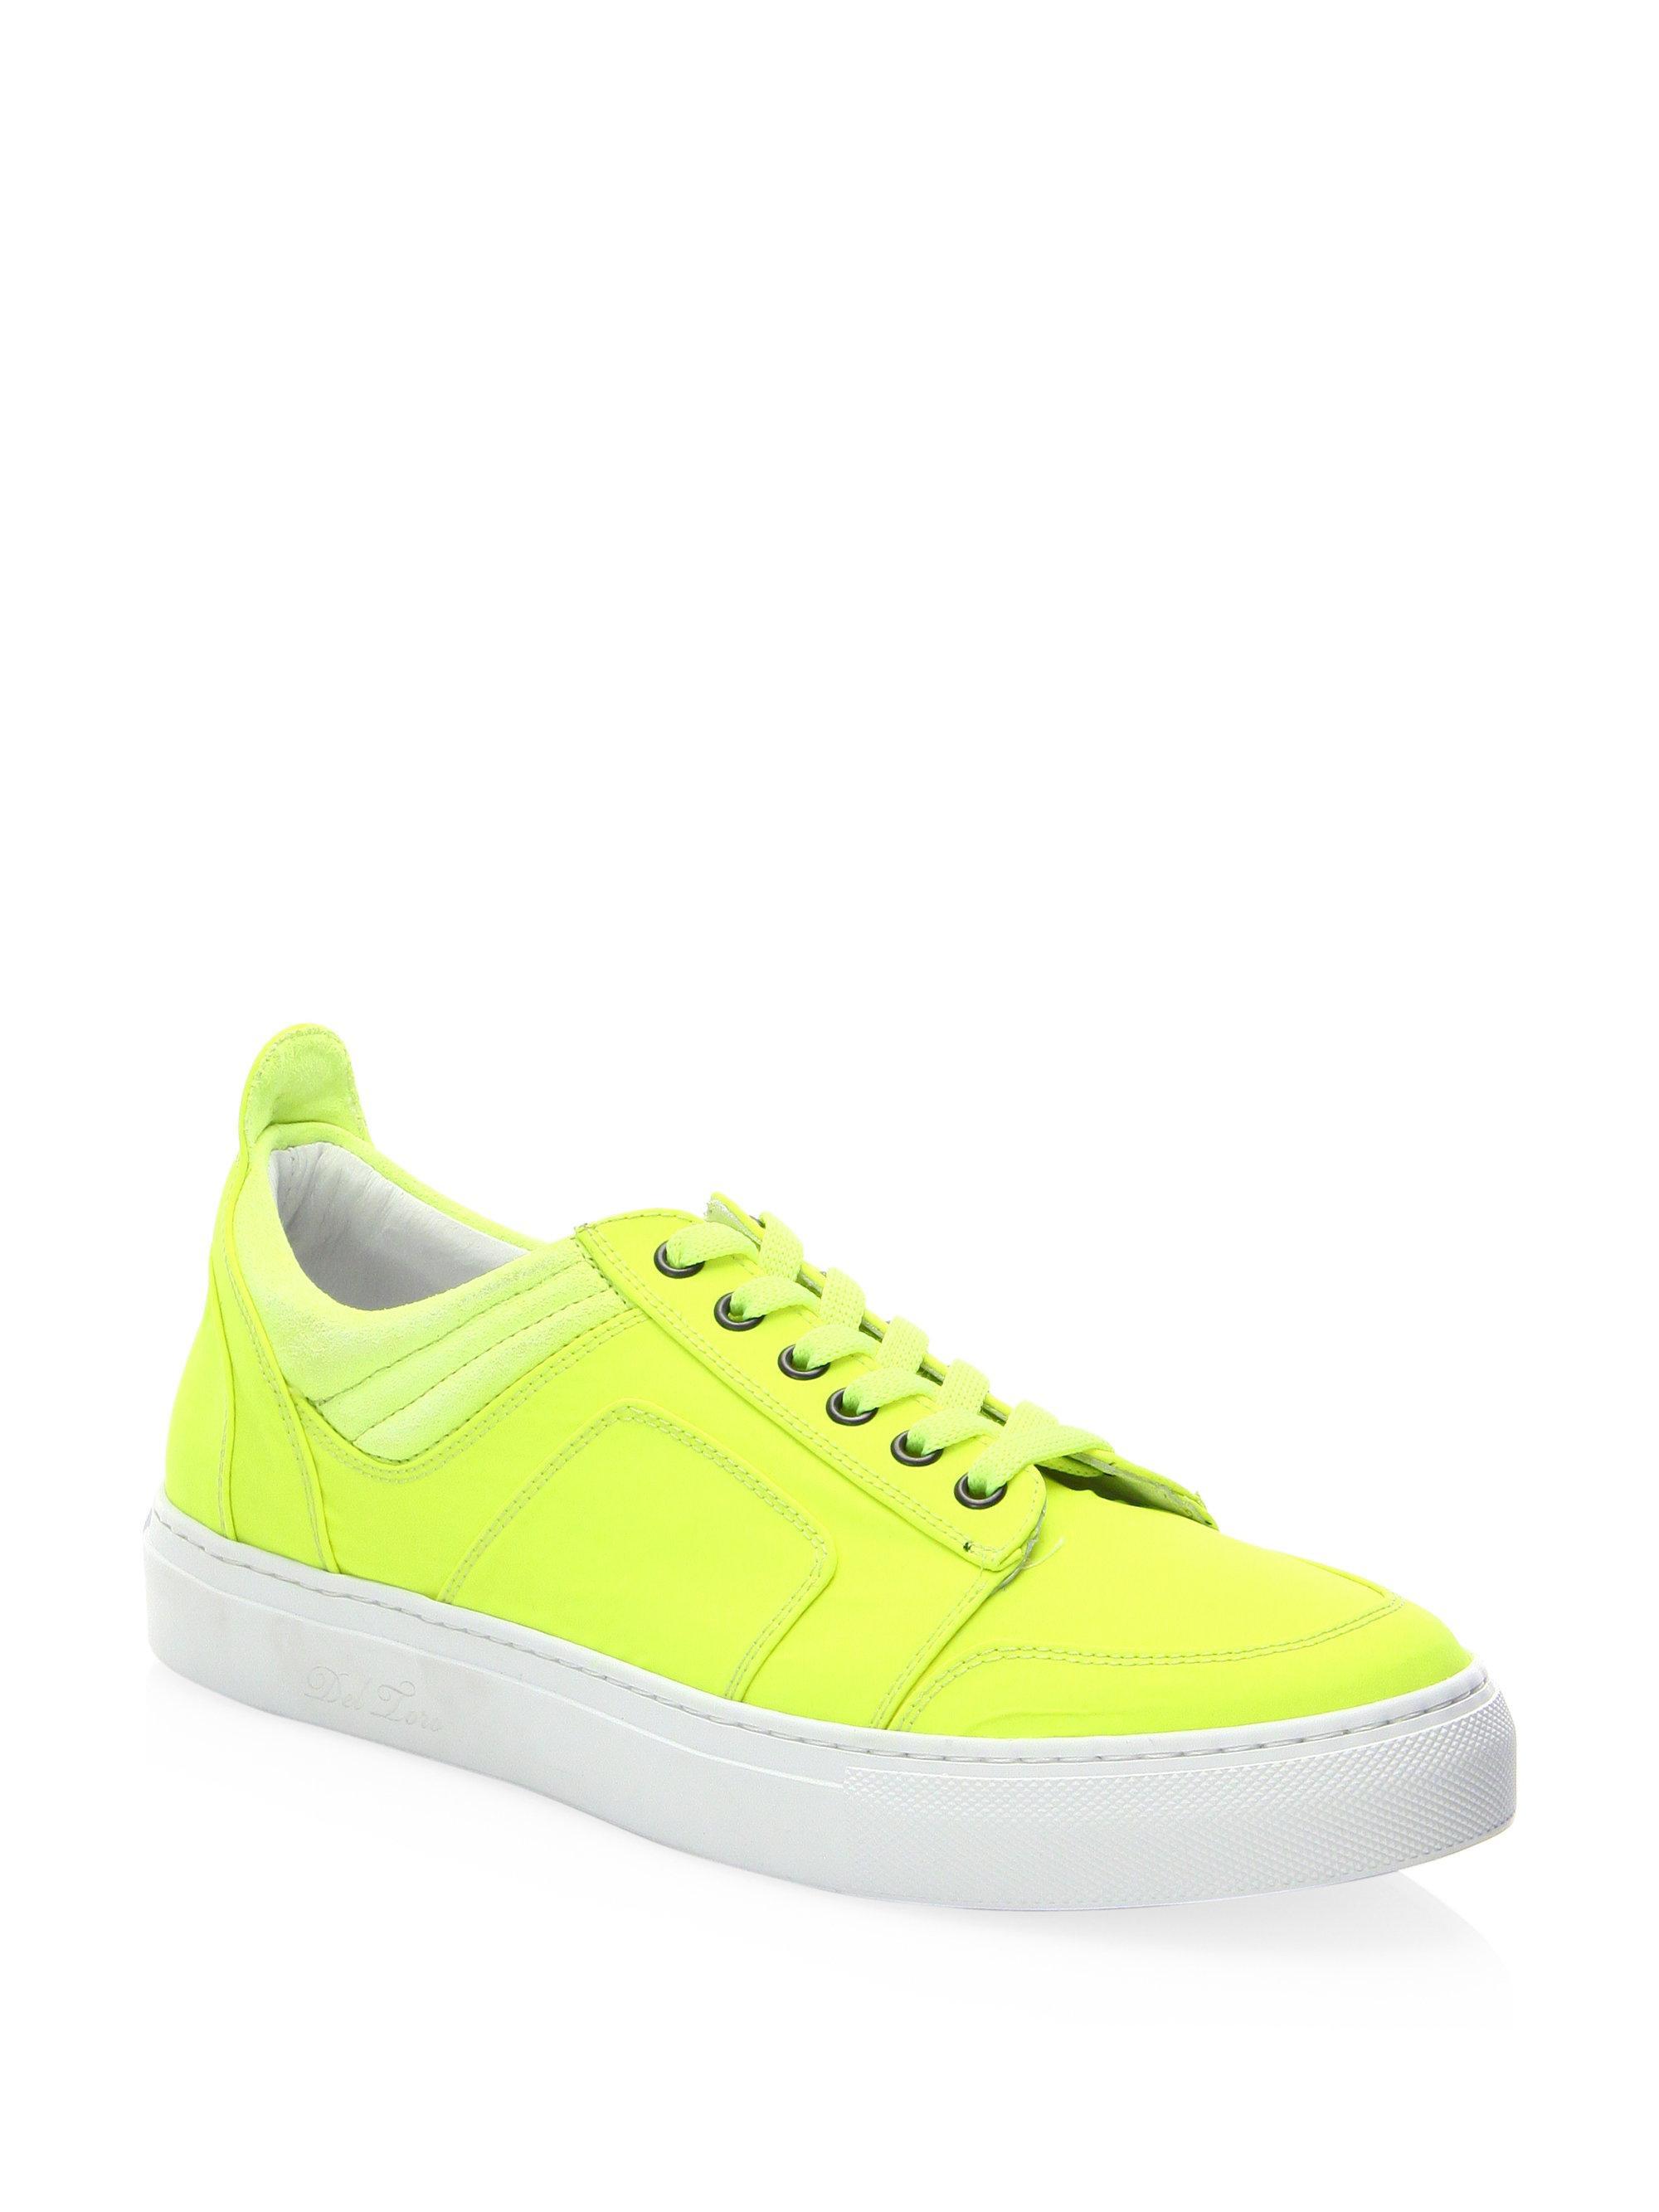 DEL TORO Neon Boxing Sneakers YaxYt1EJ